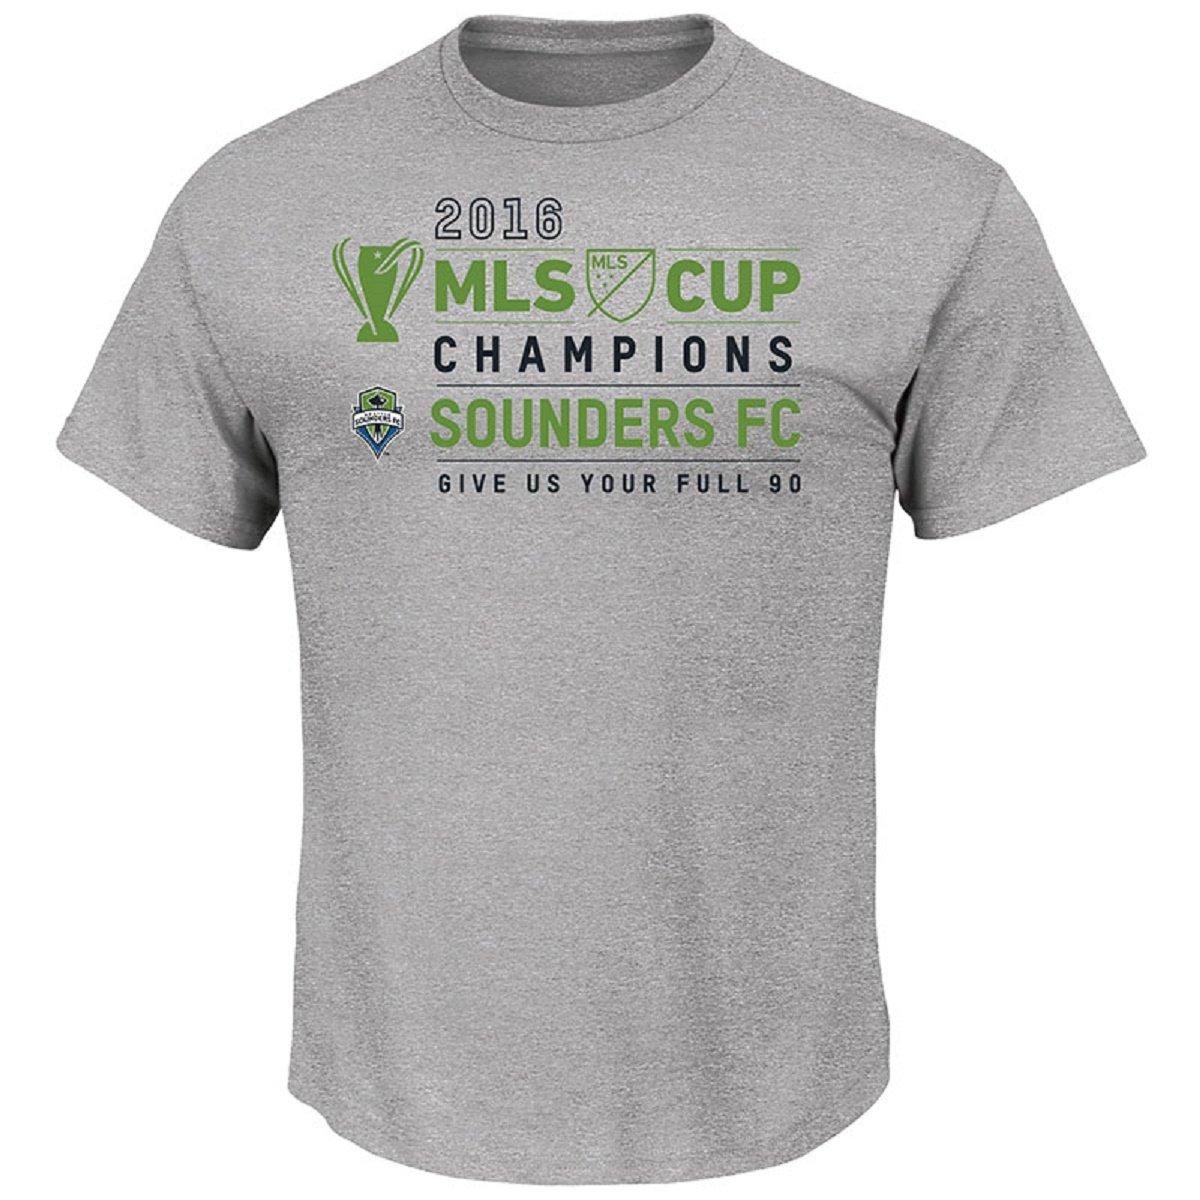 100%の保証 Seattle 2016 Seattle Sounders 2X FCスチールHeather 2016 MLS ChampionsグレーTシャツ 2X B01N6IDRUG, キャンディブーケのラ セリーゼ:f3a63dcd --- a0267596.xsph.ru